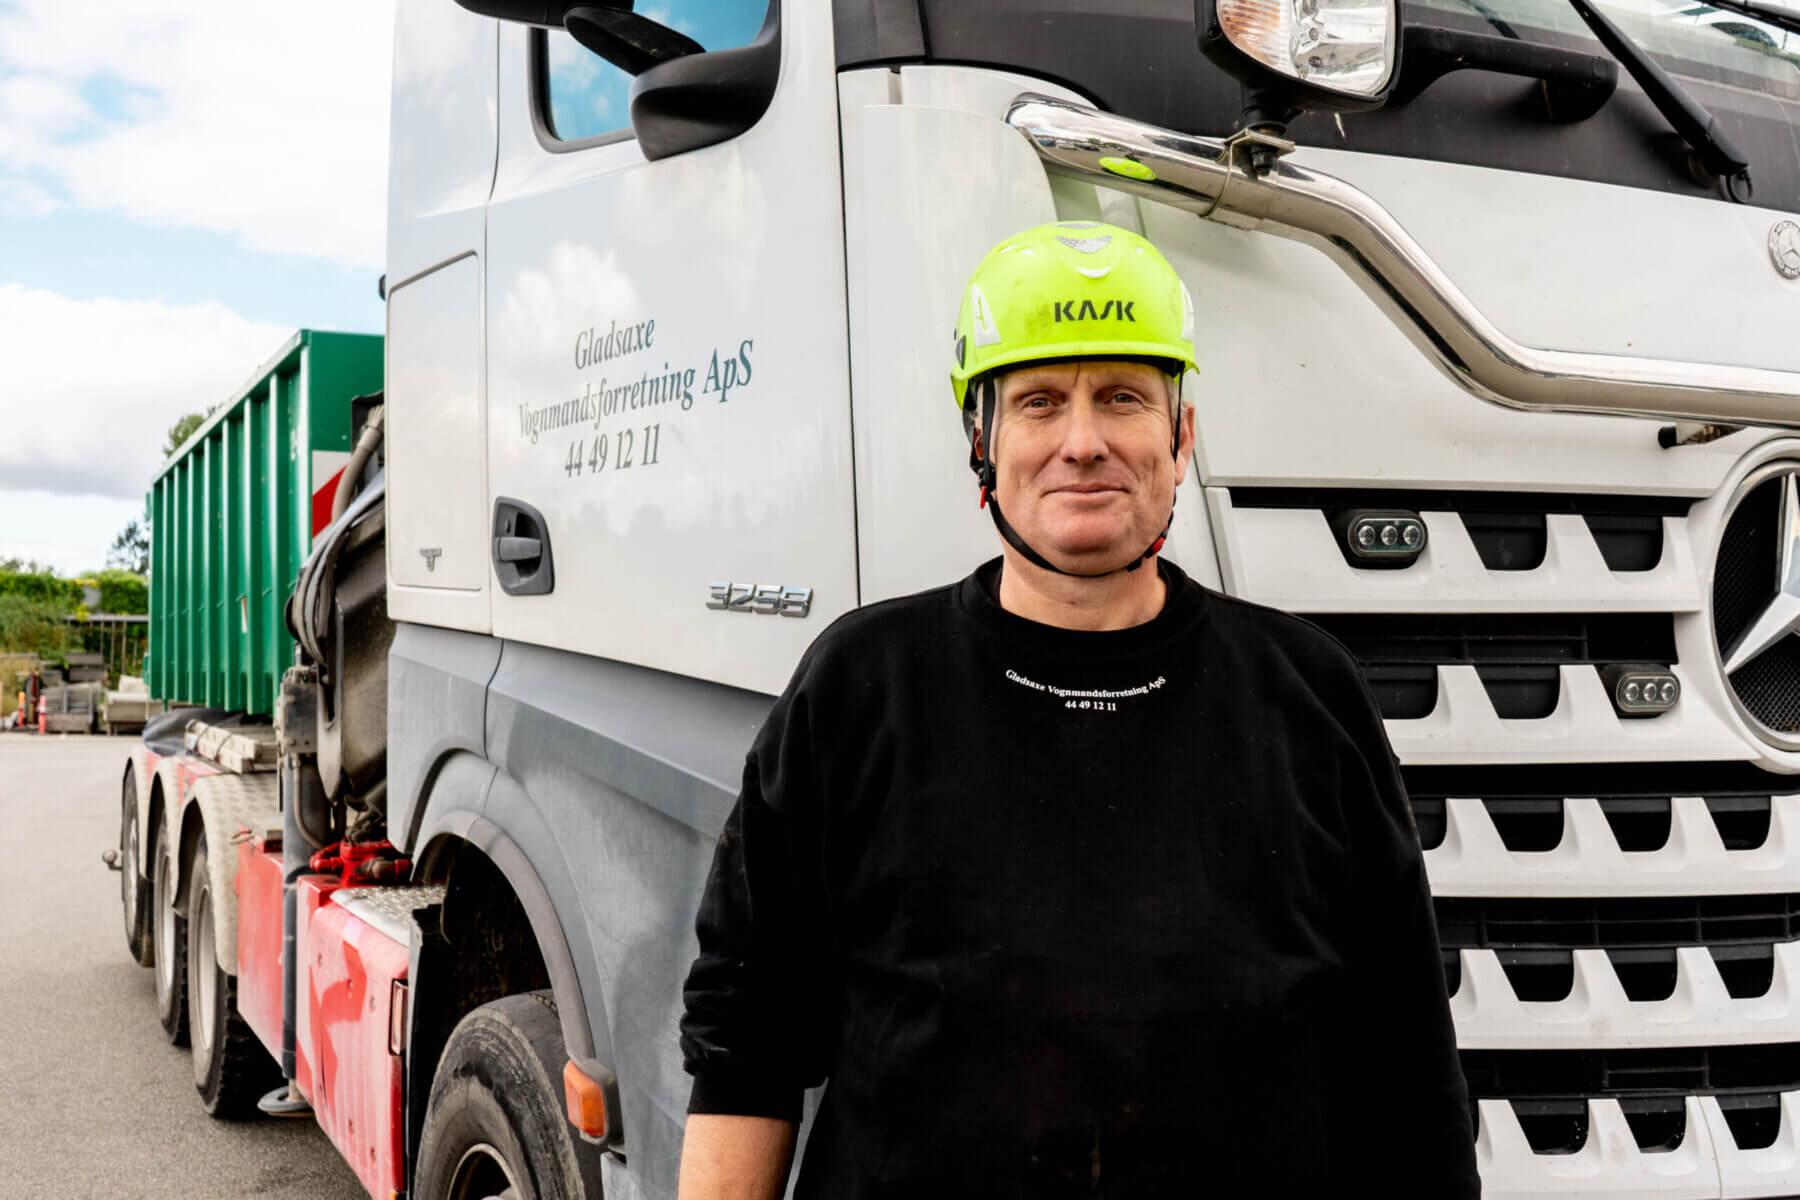 Vognmand fra Gladsaxe - bortskaffelse af jord og affald